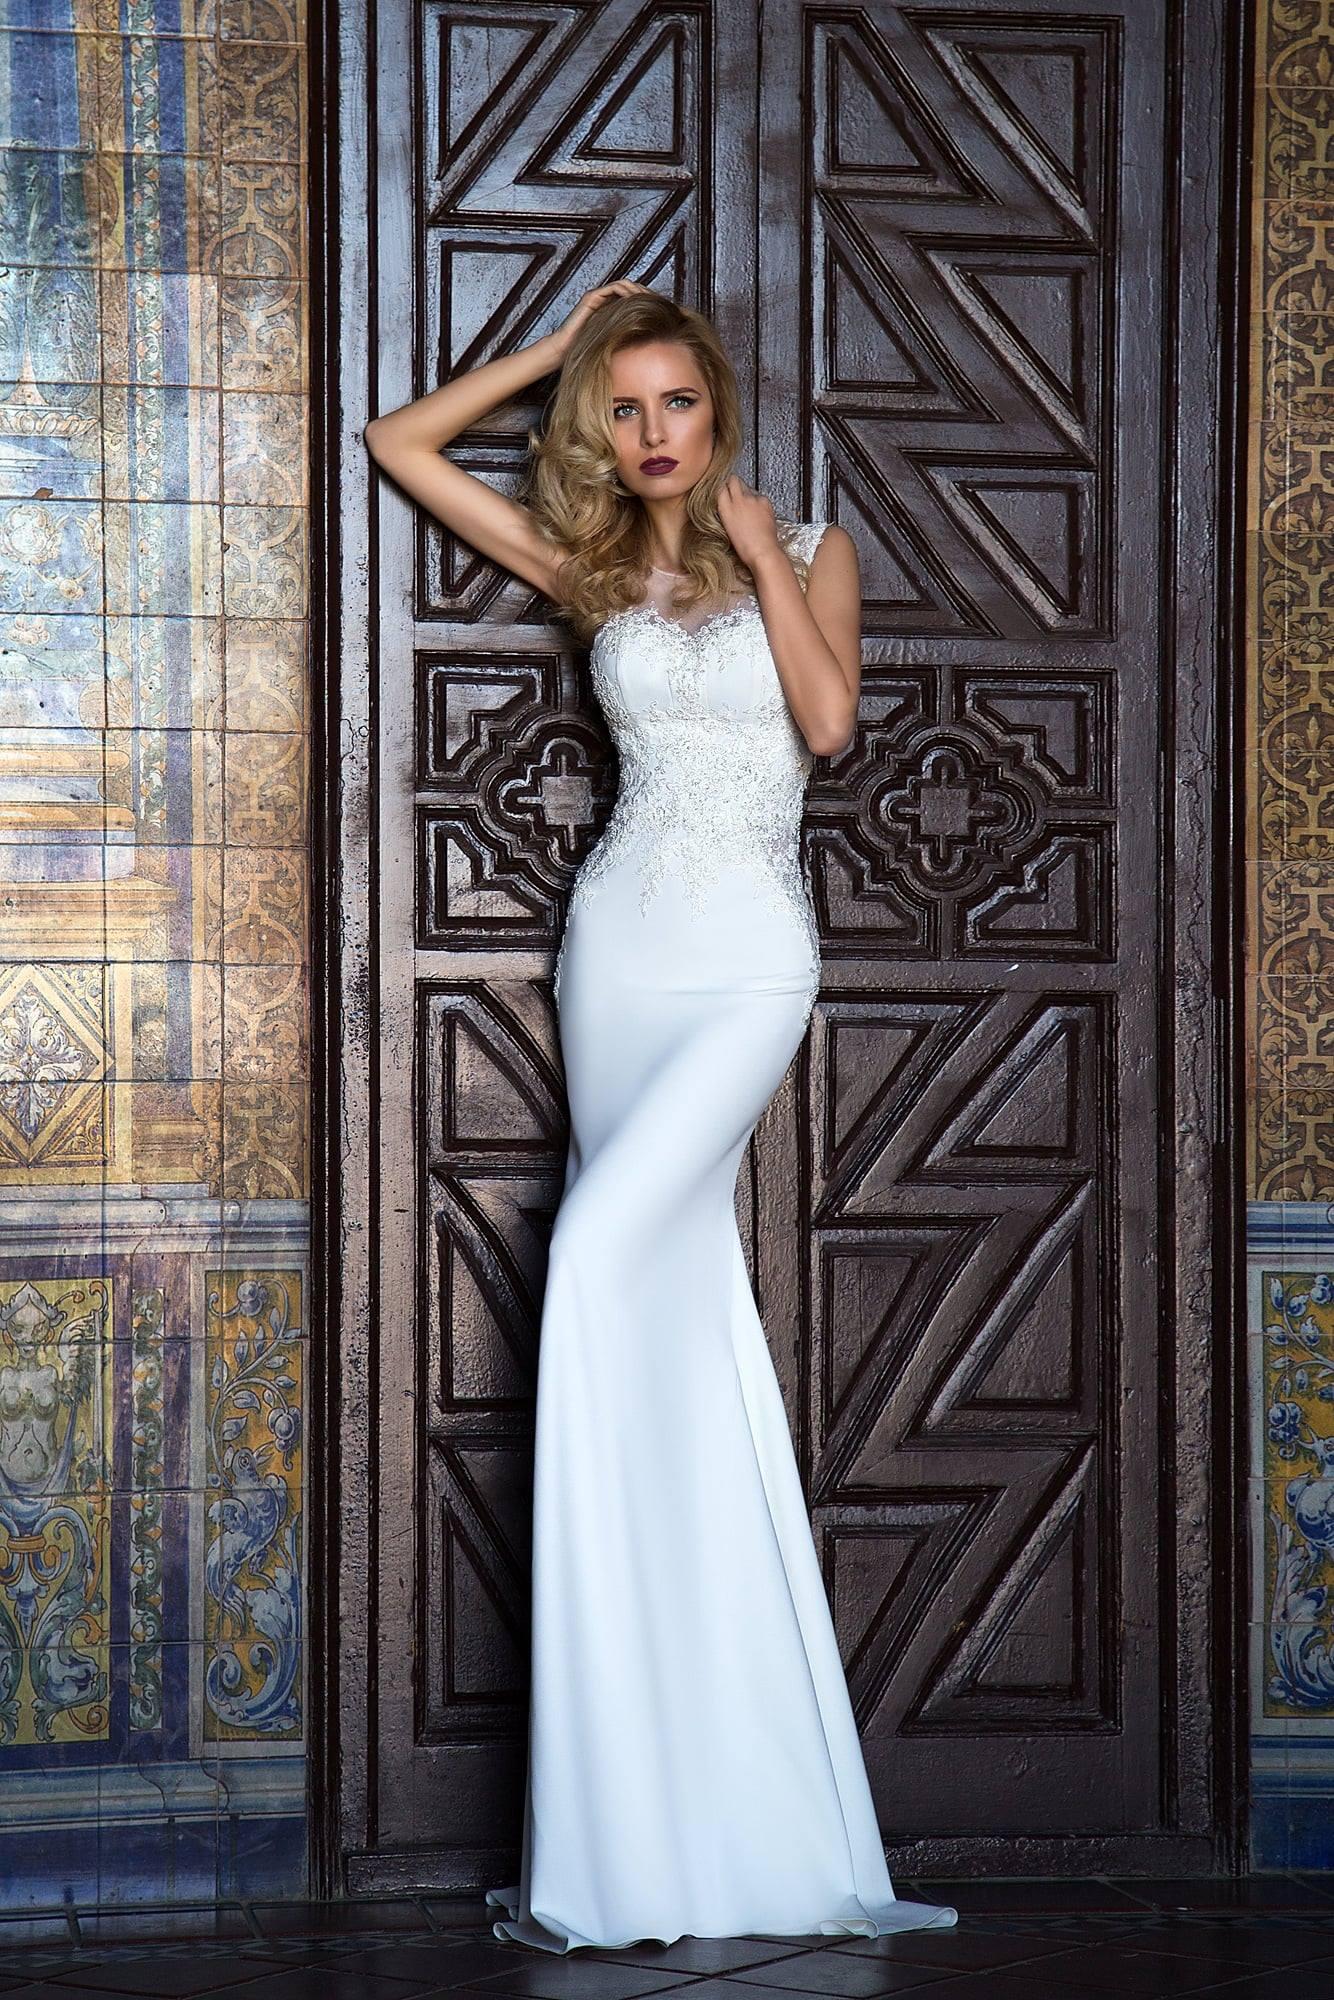 Wedding dress $300, size 6